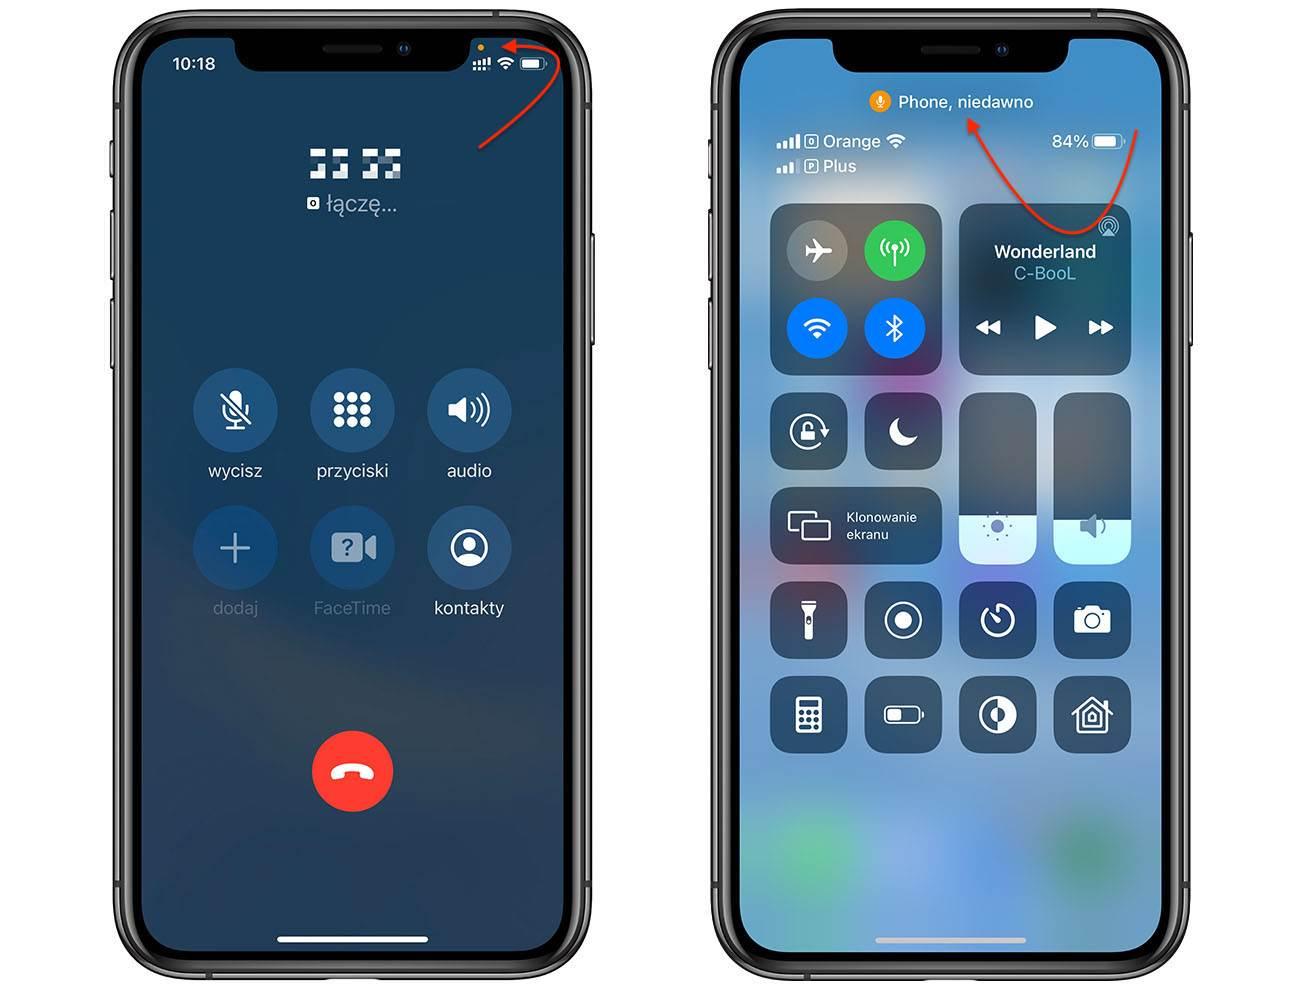 Co oznacza zielona i pomarańczowa kropka na pasku stanu w iPhone i iPad z iOS 14 i iPadOS 14 polecane, ciekawostki zielona kropka w iOS 14, zielona kropka, pomaranczowa kropka, iPhone, iPadOS14  Czy zauważyłeś w iPhone, iPad zieloną lub pomarańczową kropkę w prawym górnym rogu ekranu po aktualizacji do iOS 14 iPadOS 14? Oto co to jest? Już wyjaśniamy! iOS14 kropka 1